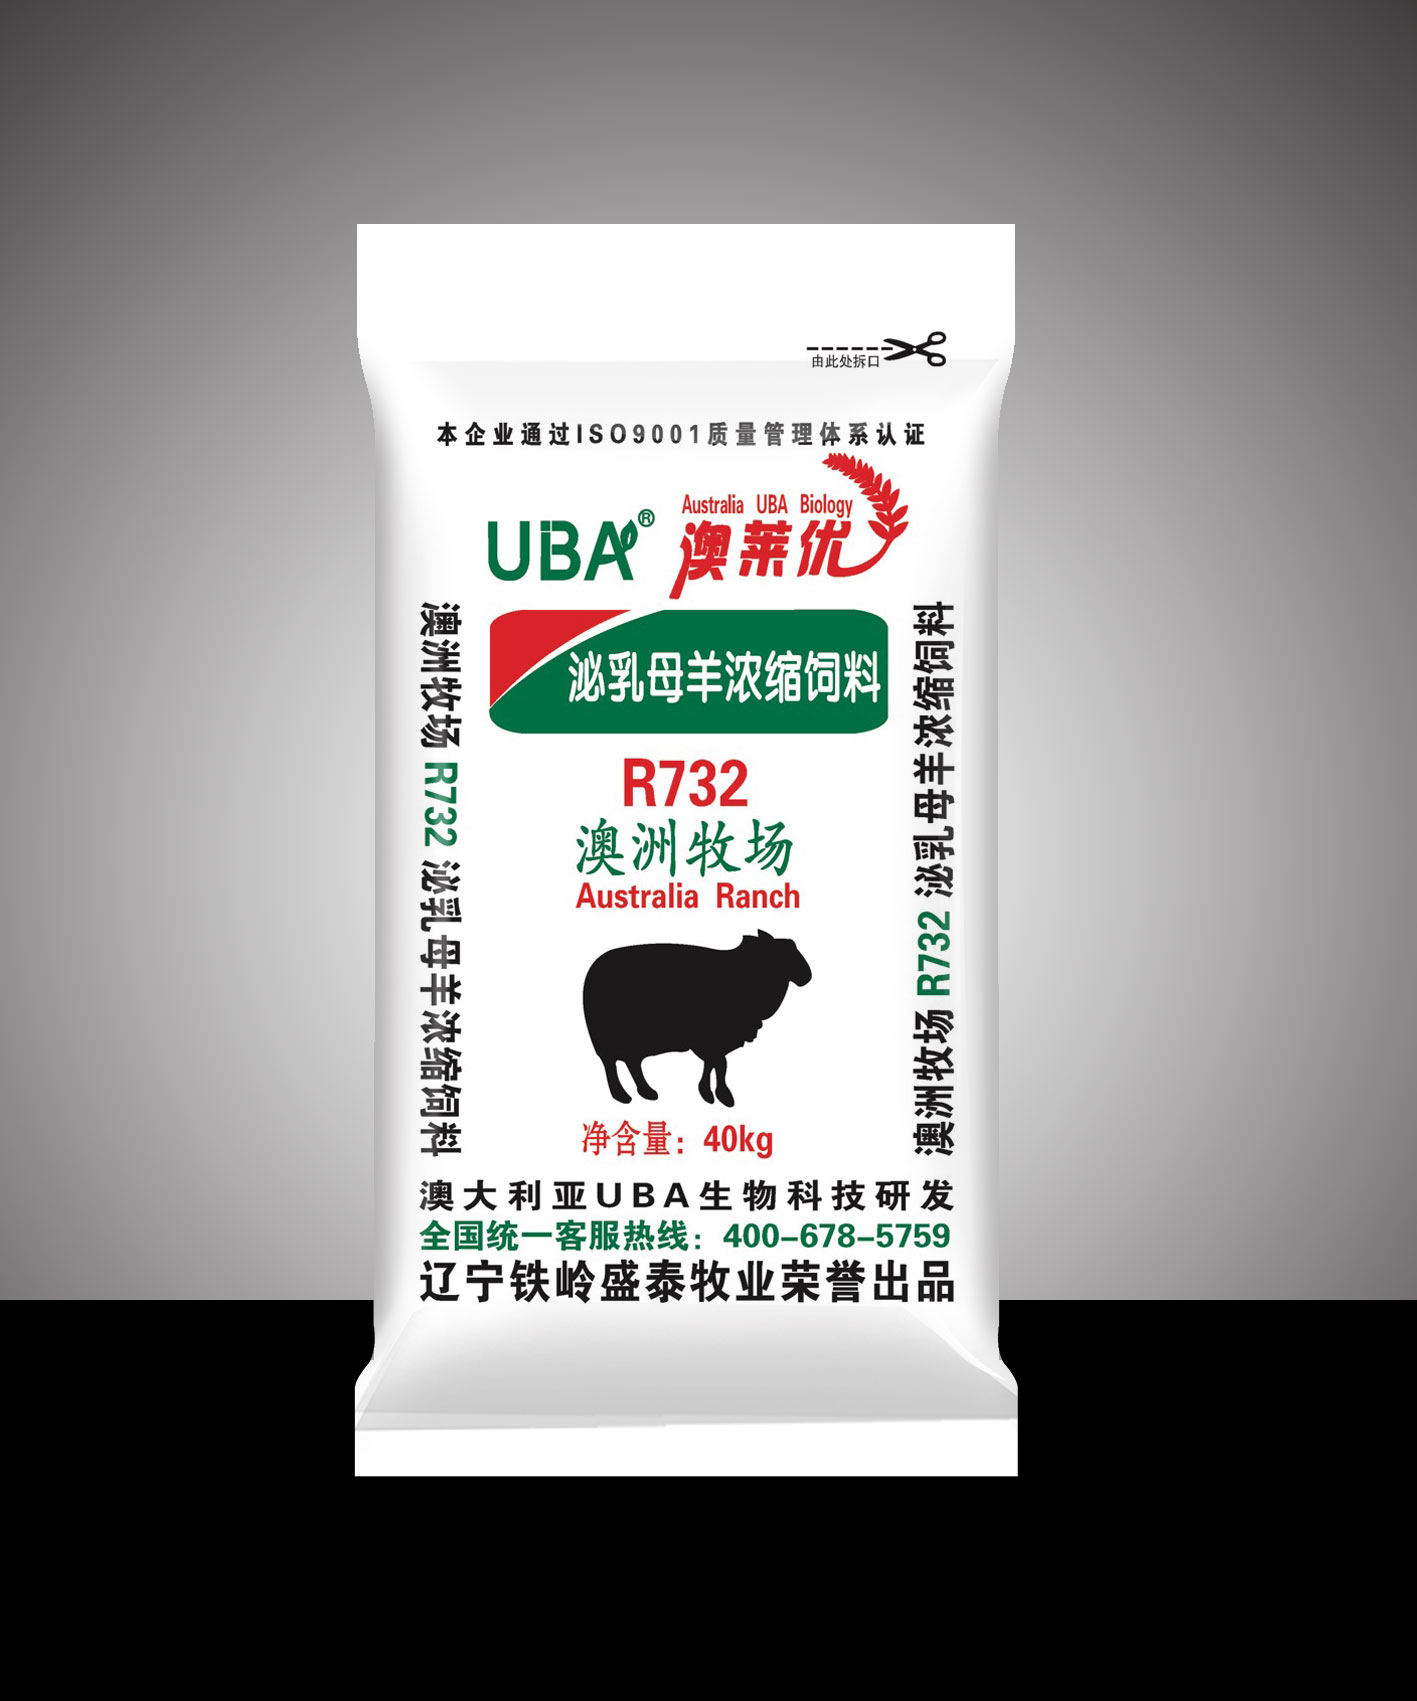 泌乳母羊12bet手机版12博客户端R732